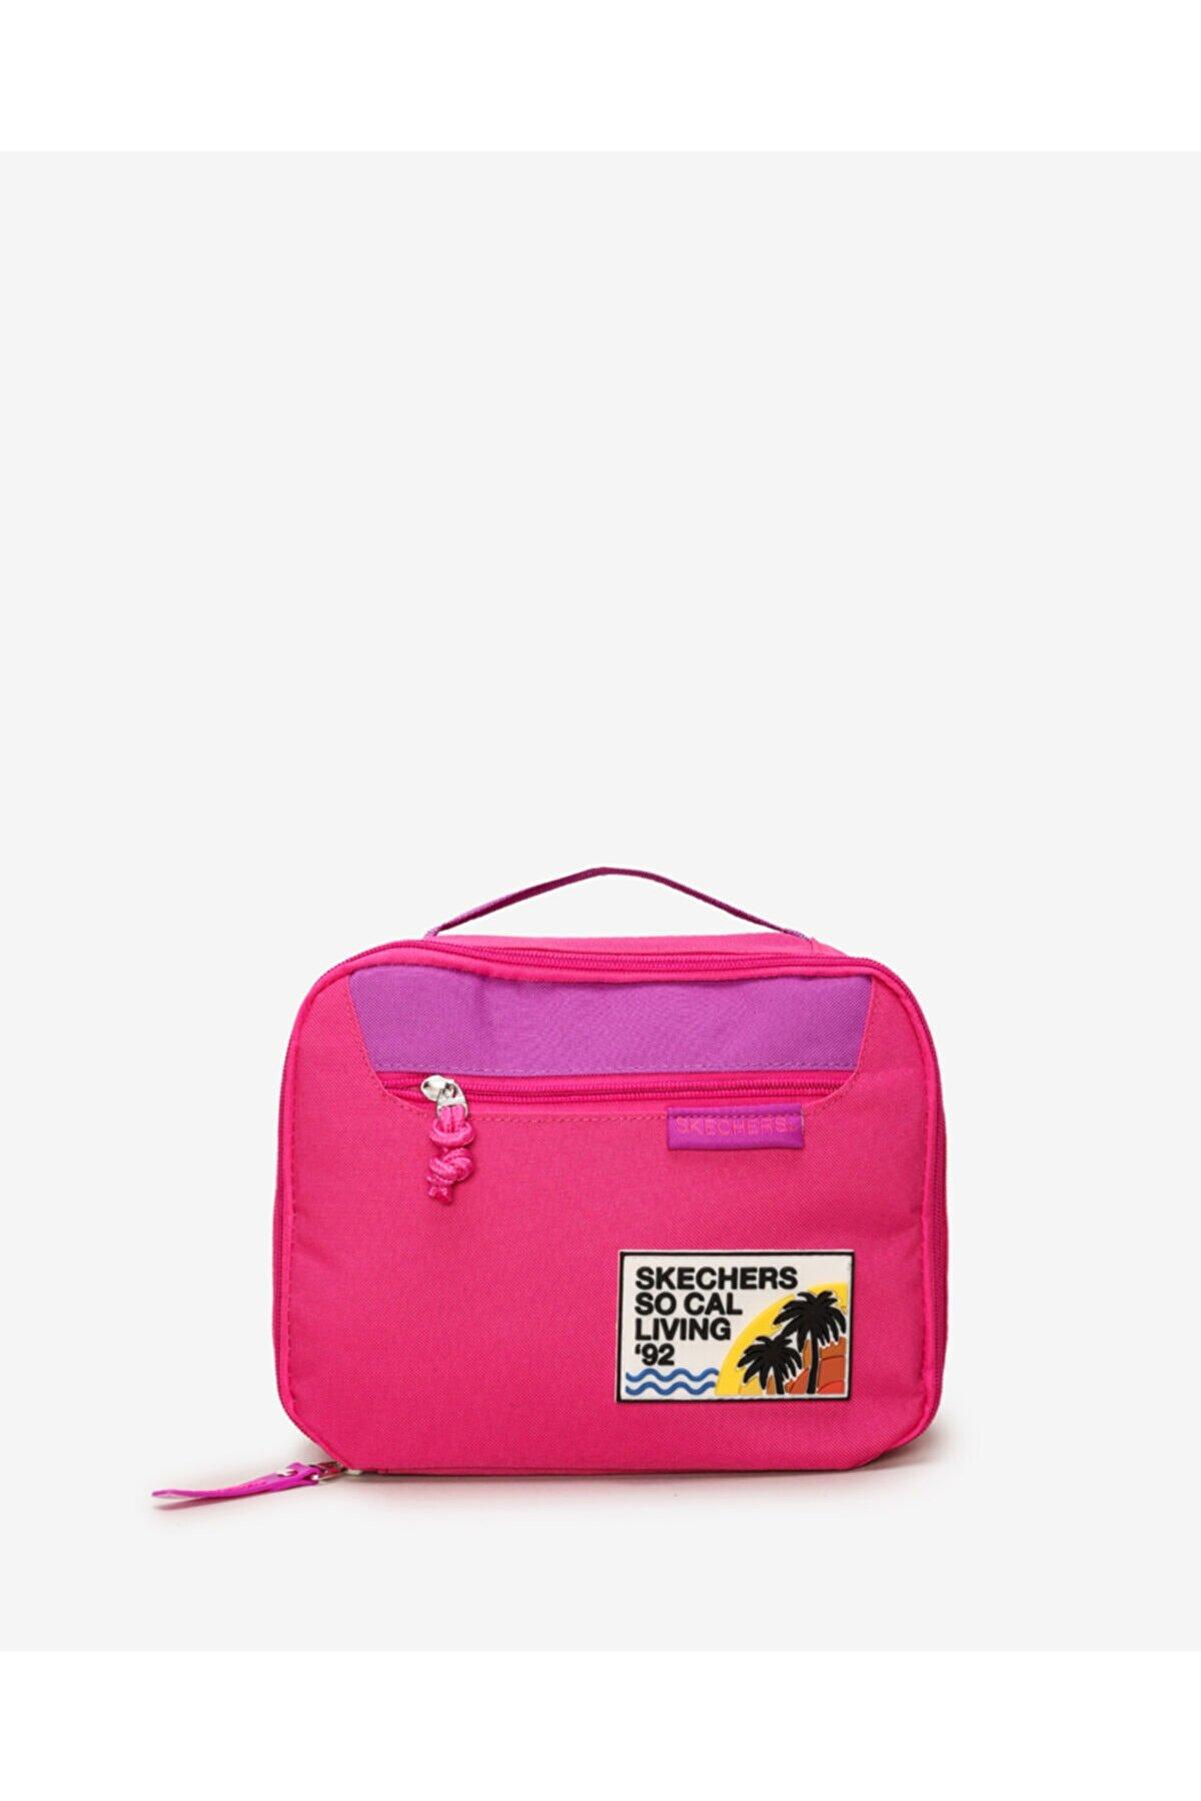 Skechers 1PK GIRLS LUNCH BAG - PINK FLAMBE Kız Çocuk Pembe Çanta